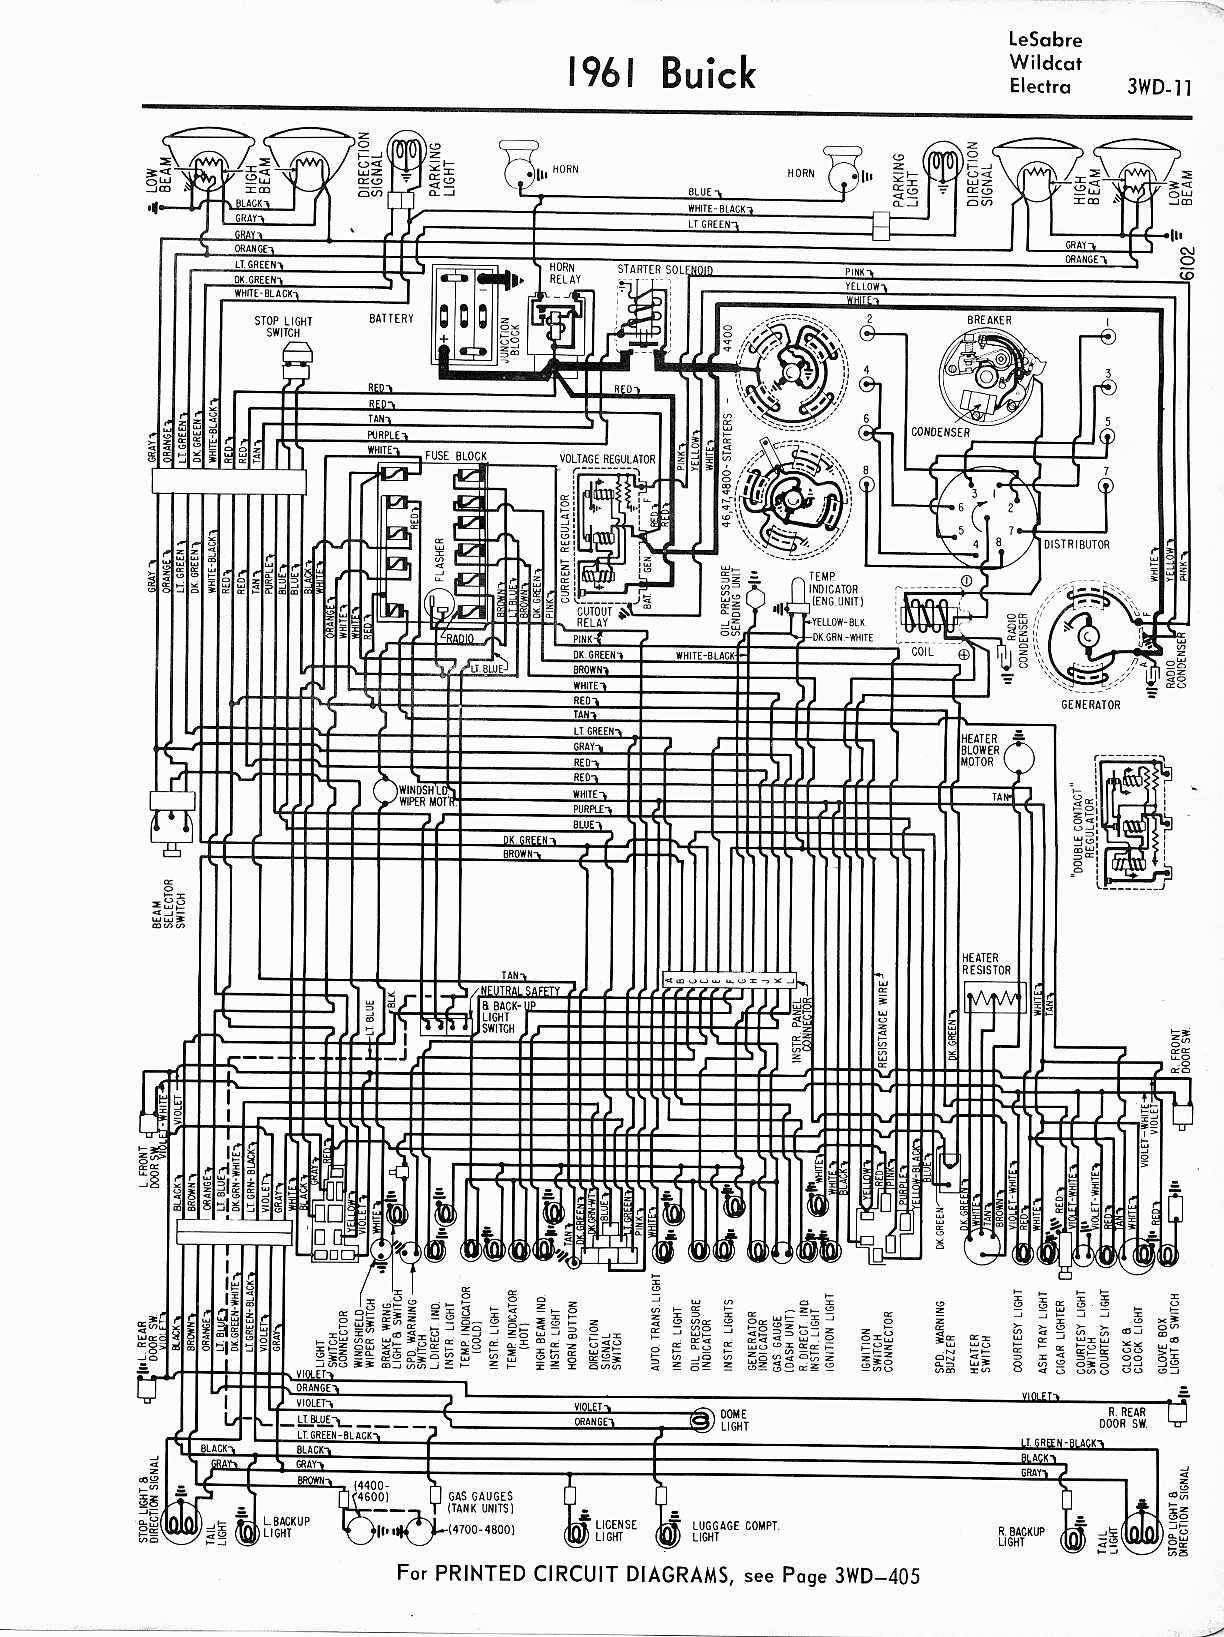 [SCHEMATICS_4HG]  1999 Buick Regal Engine Diagram Duramax Wiring Diagram -  doraemon.35.allianceconseil59.fr | 2001 Buick Regal Engine Diagram |  | doraemon.35.allianceconseil59.fr